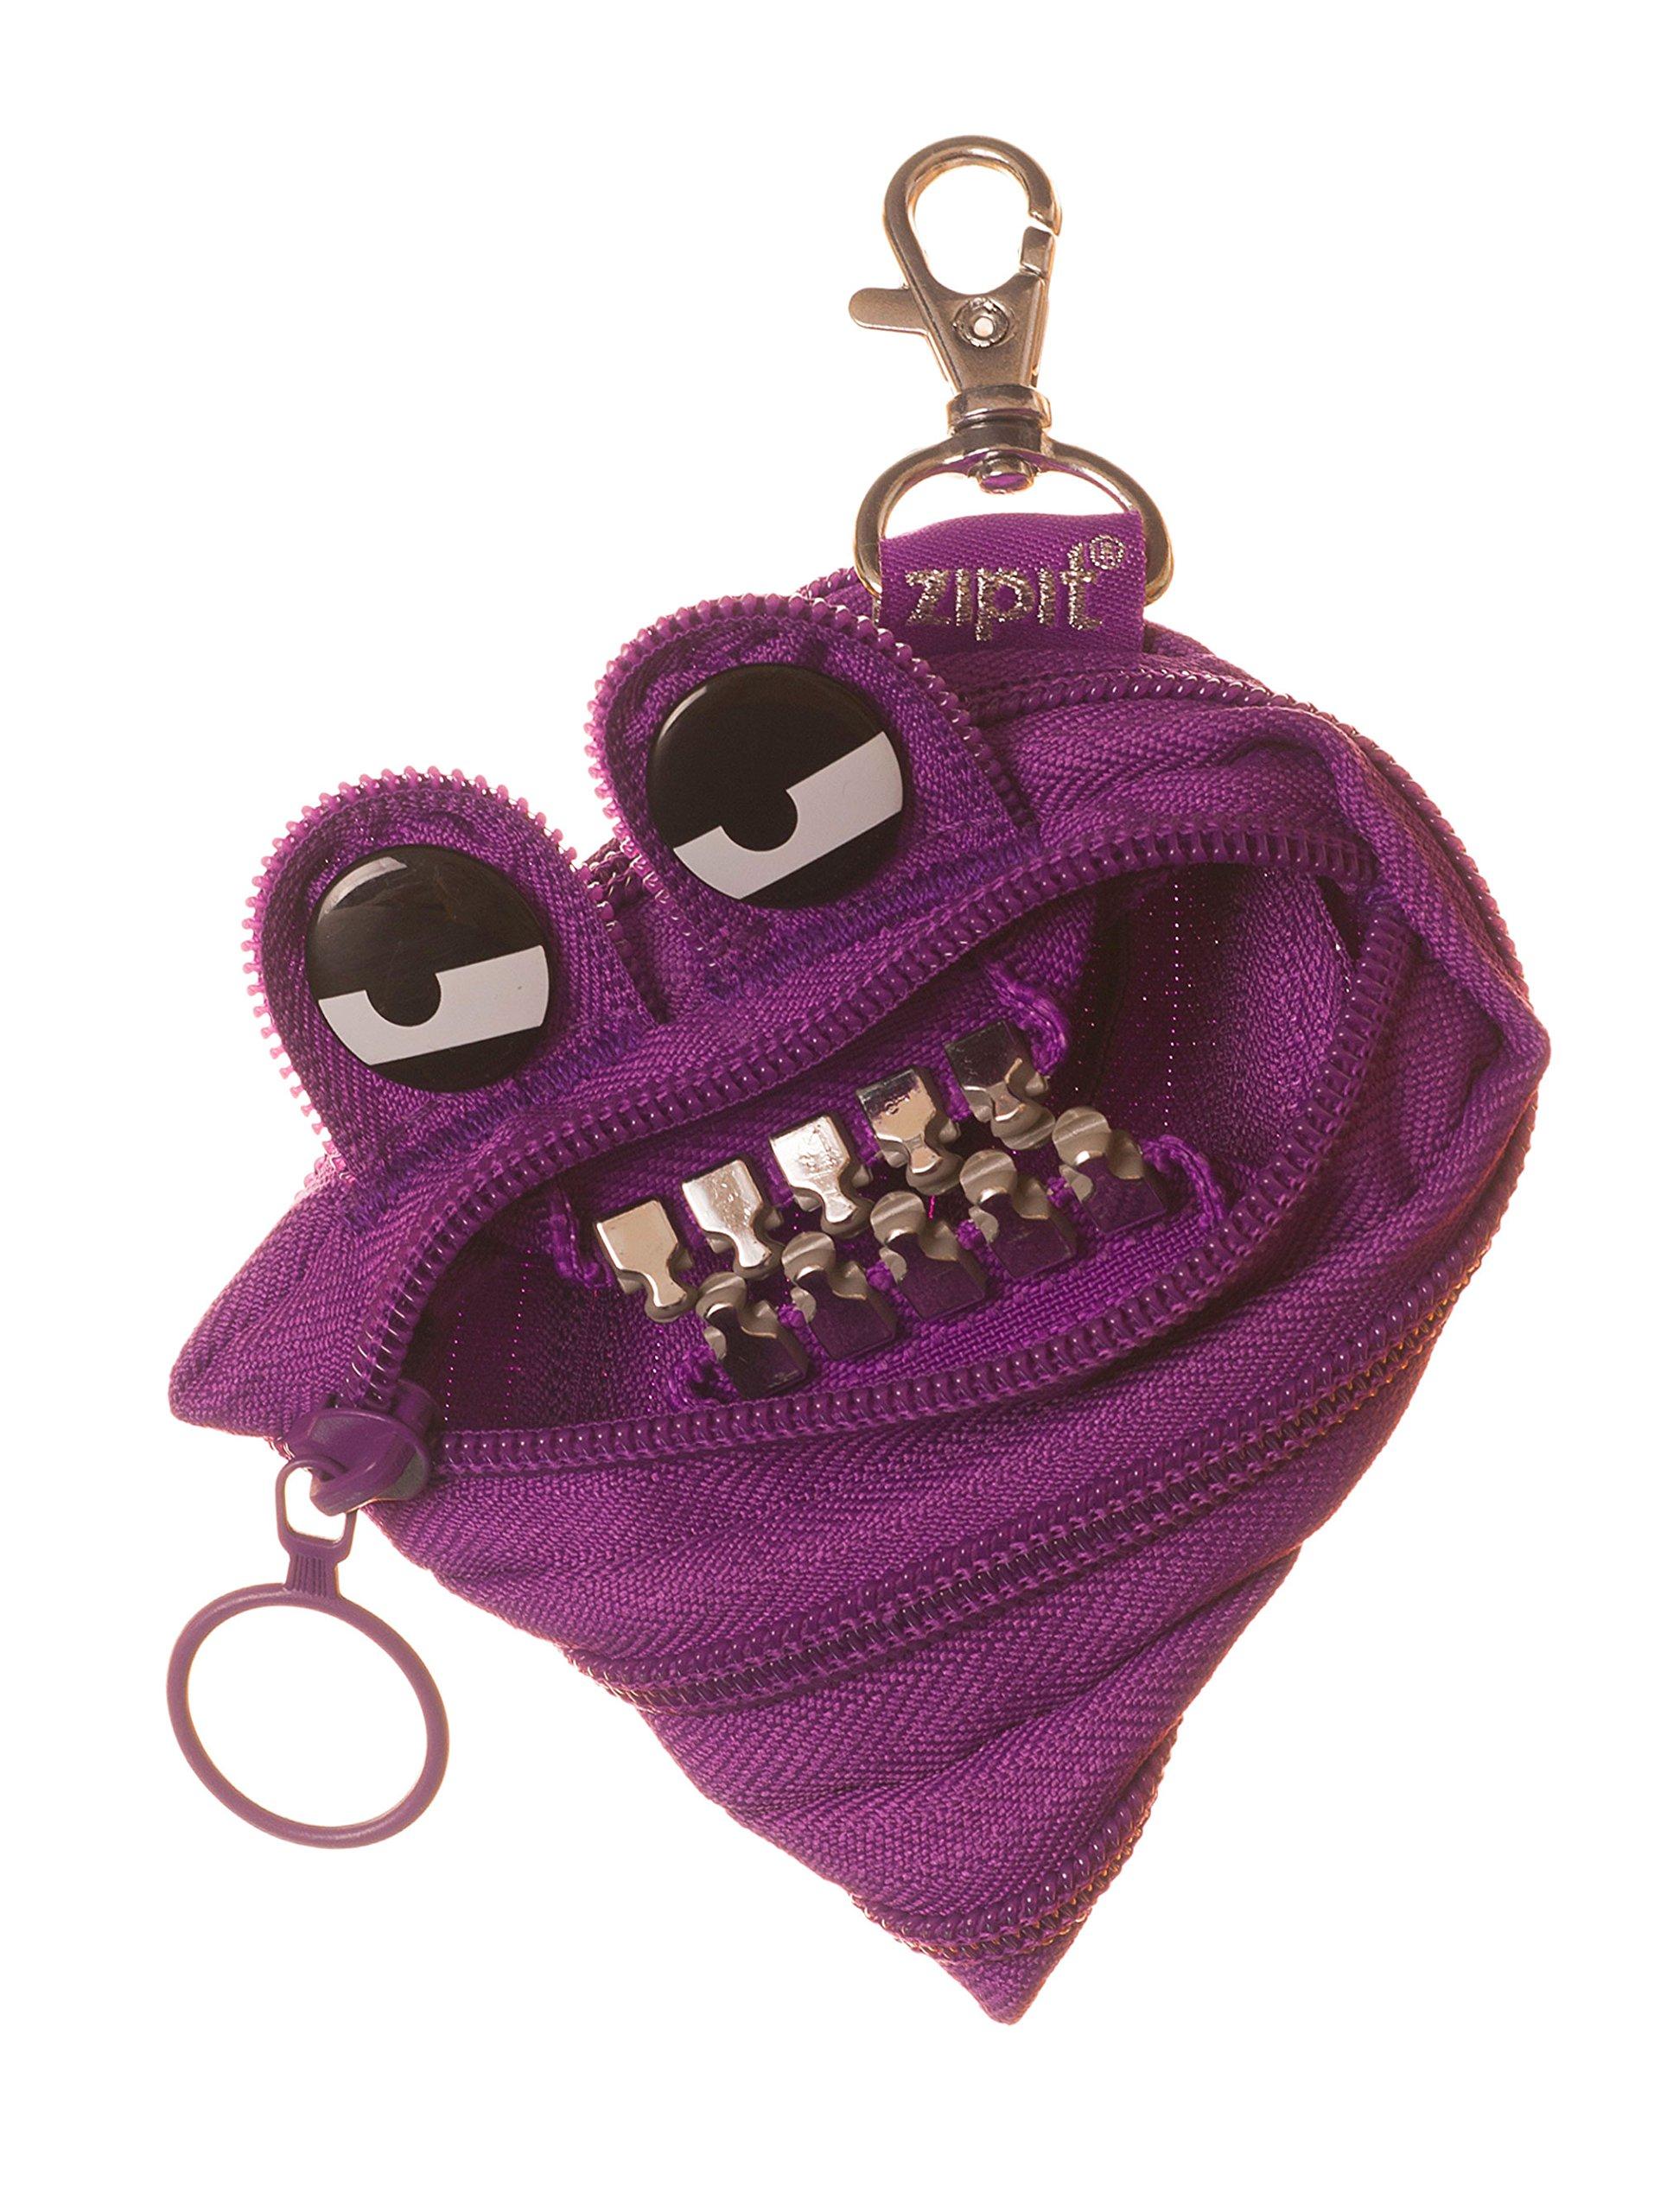 ZIPIT Grillz Mini Pouch/Coin Purse, 3-Pack (Pink, Black, Purple)